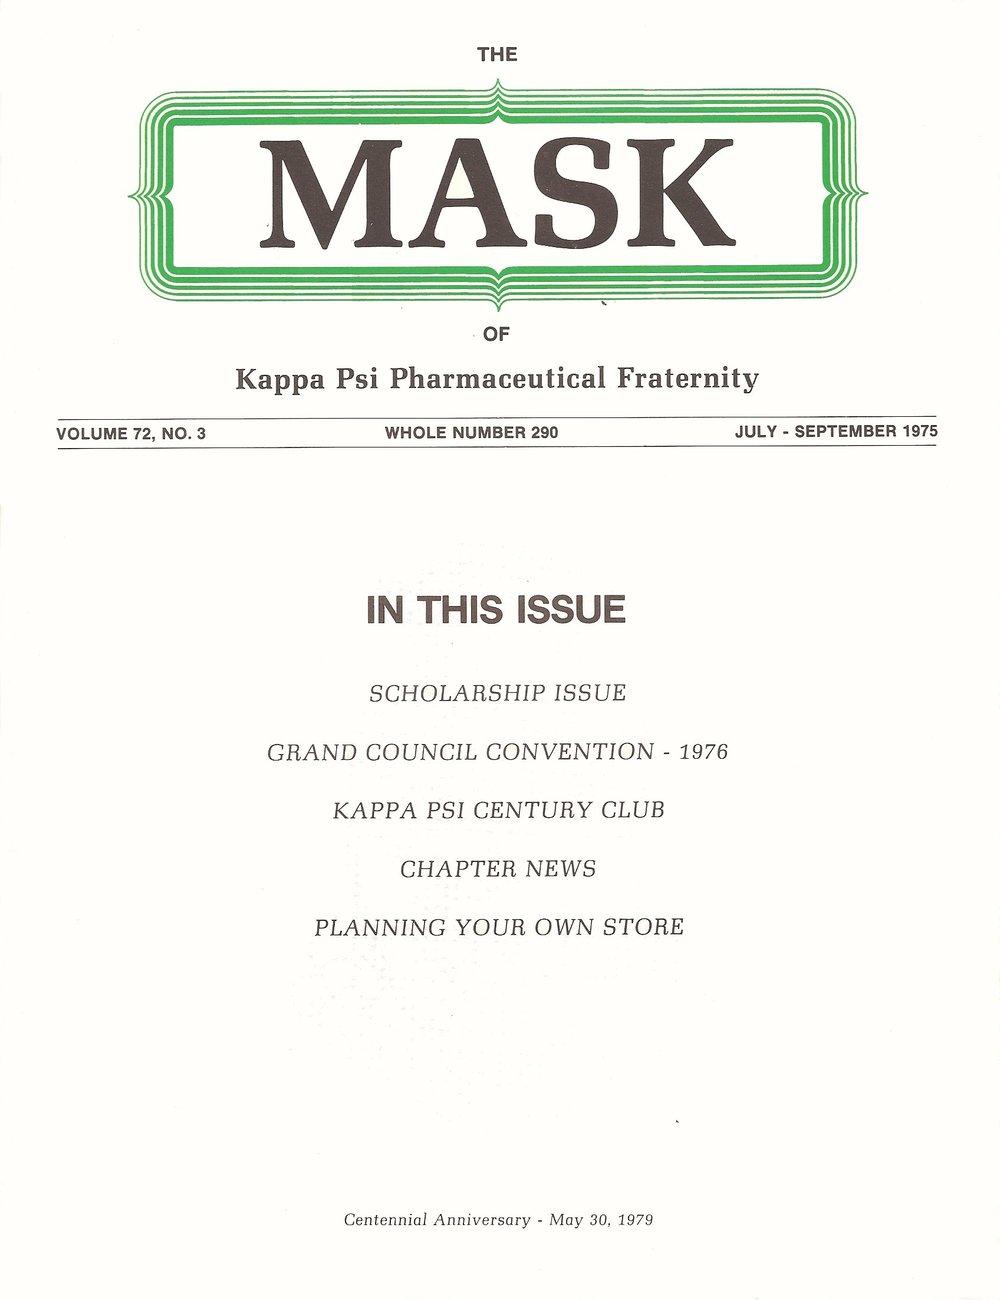 mask_cover_06_1975.jpg